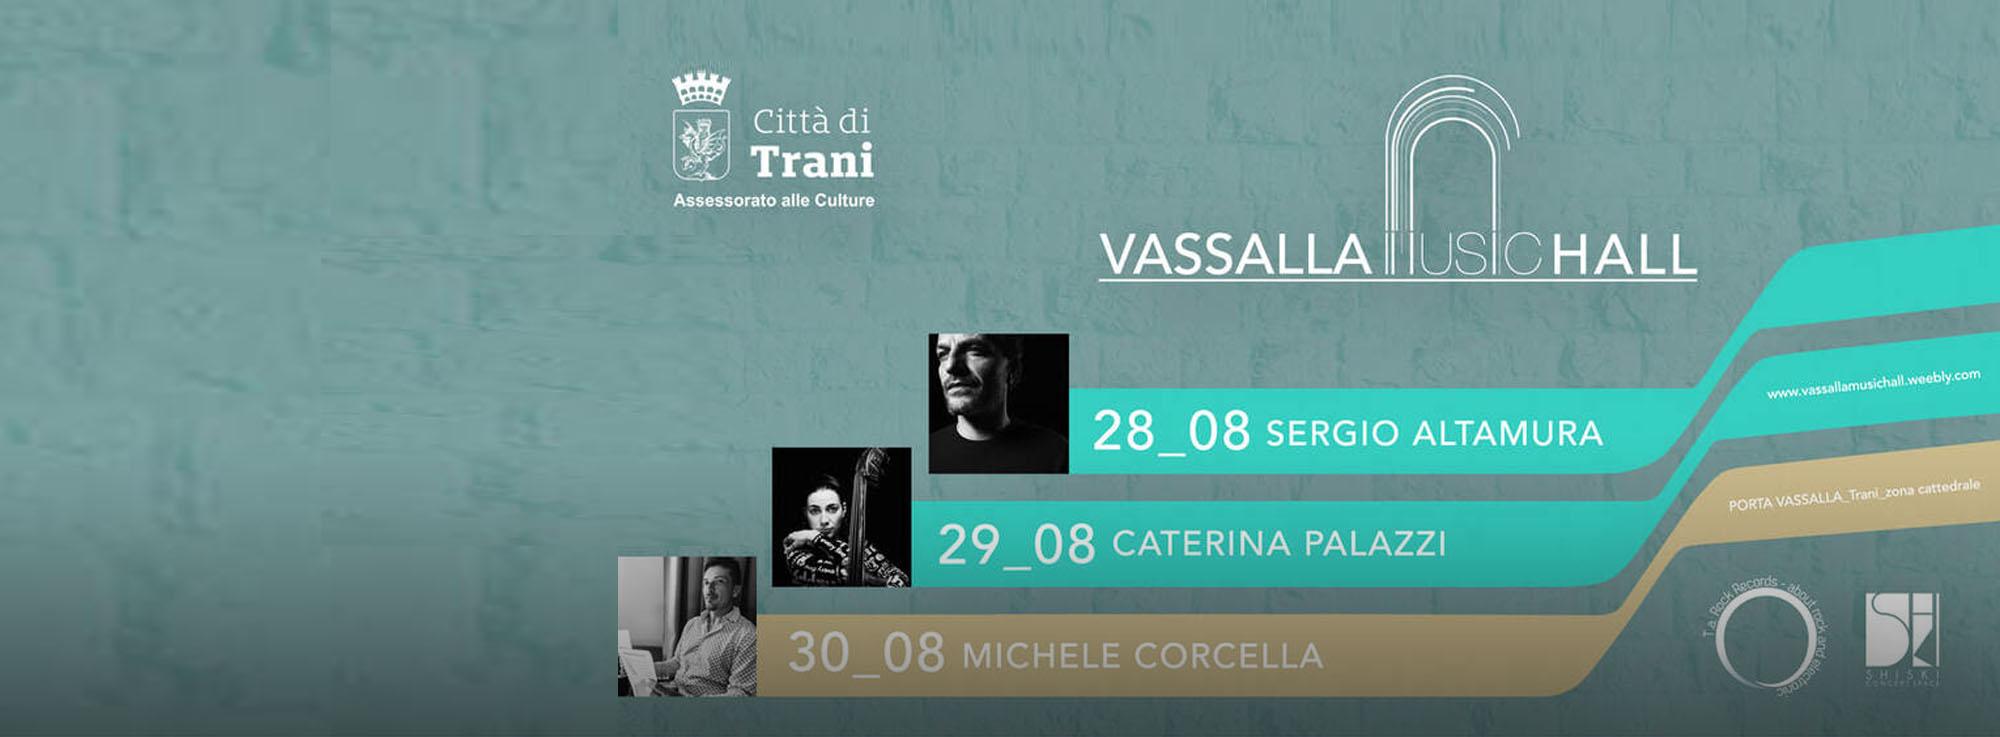 Trani: Vassalla Music Hall